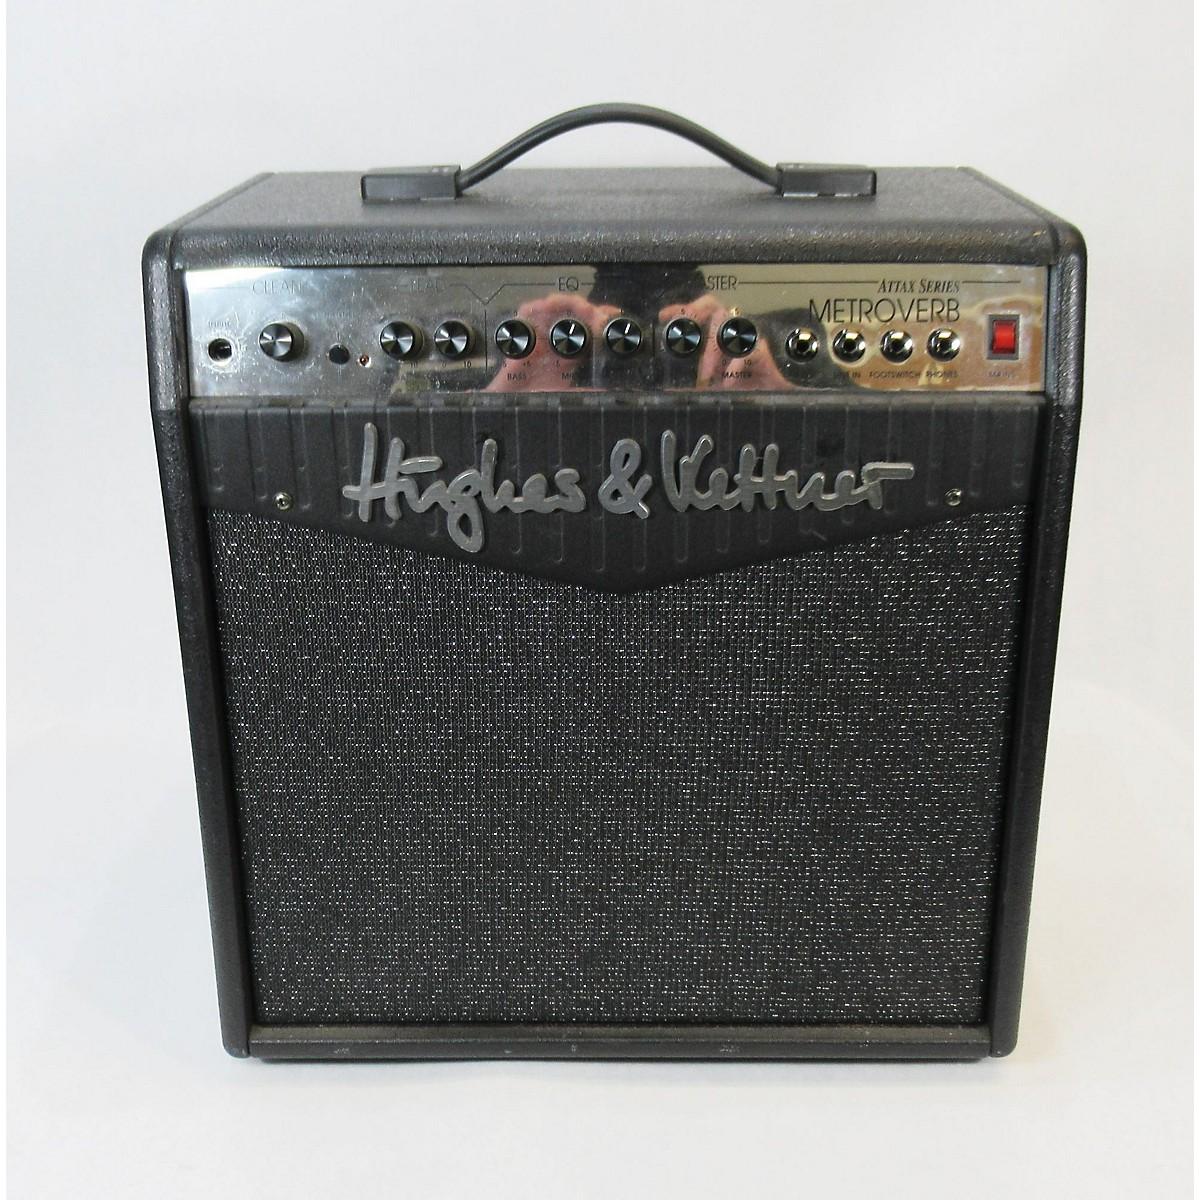 Hughes & Kettner Metroverb Guitar Combo Amp